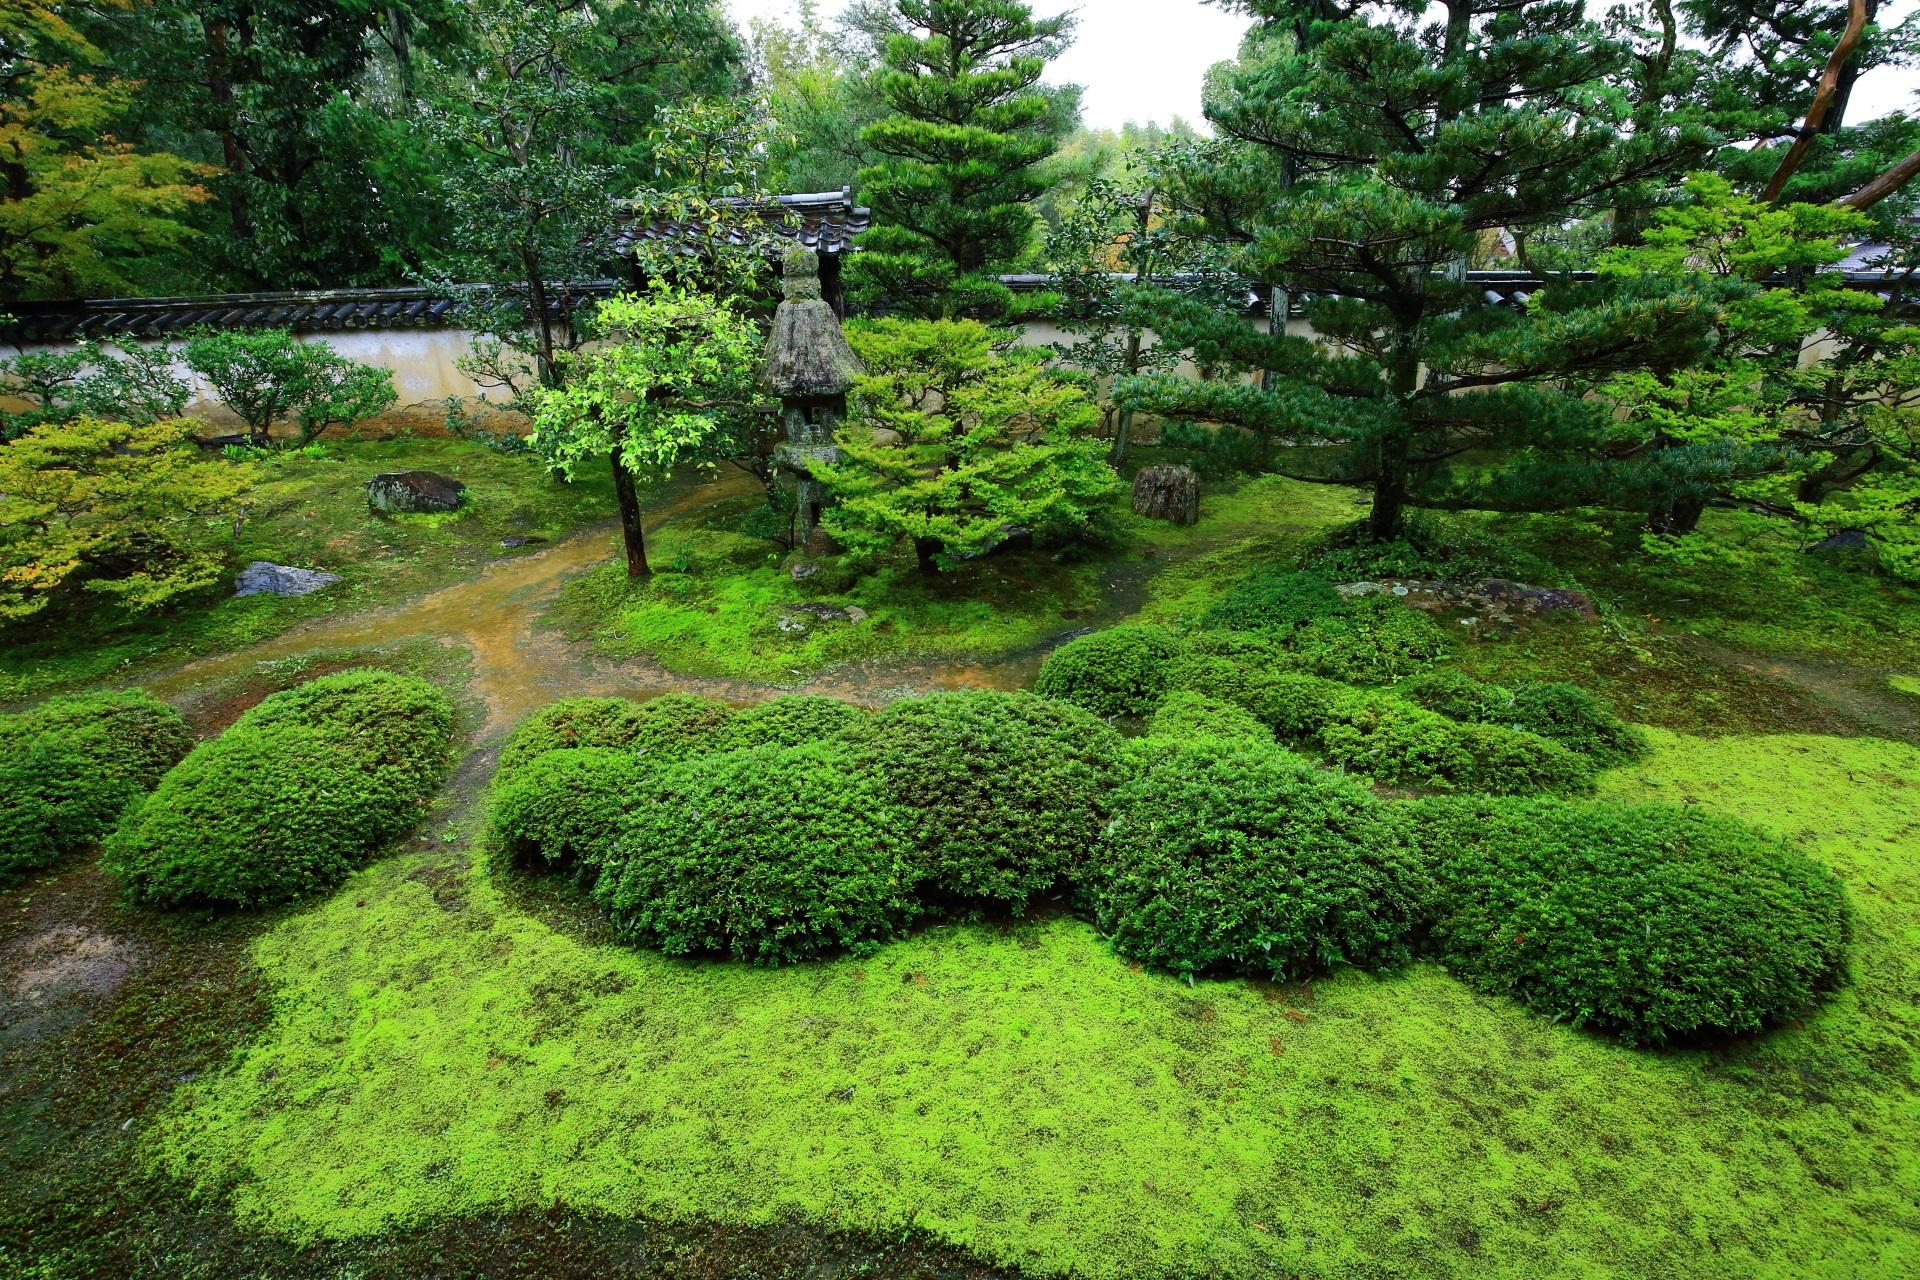 緑の苔とサツキの刈り込みが綺麗な大雄院の庭園